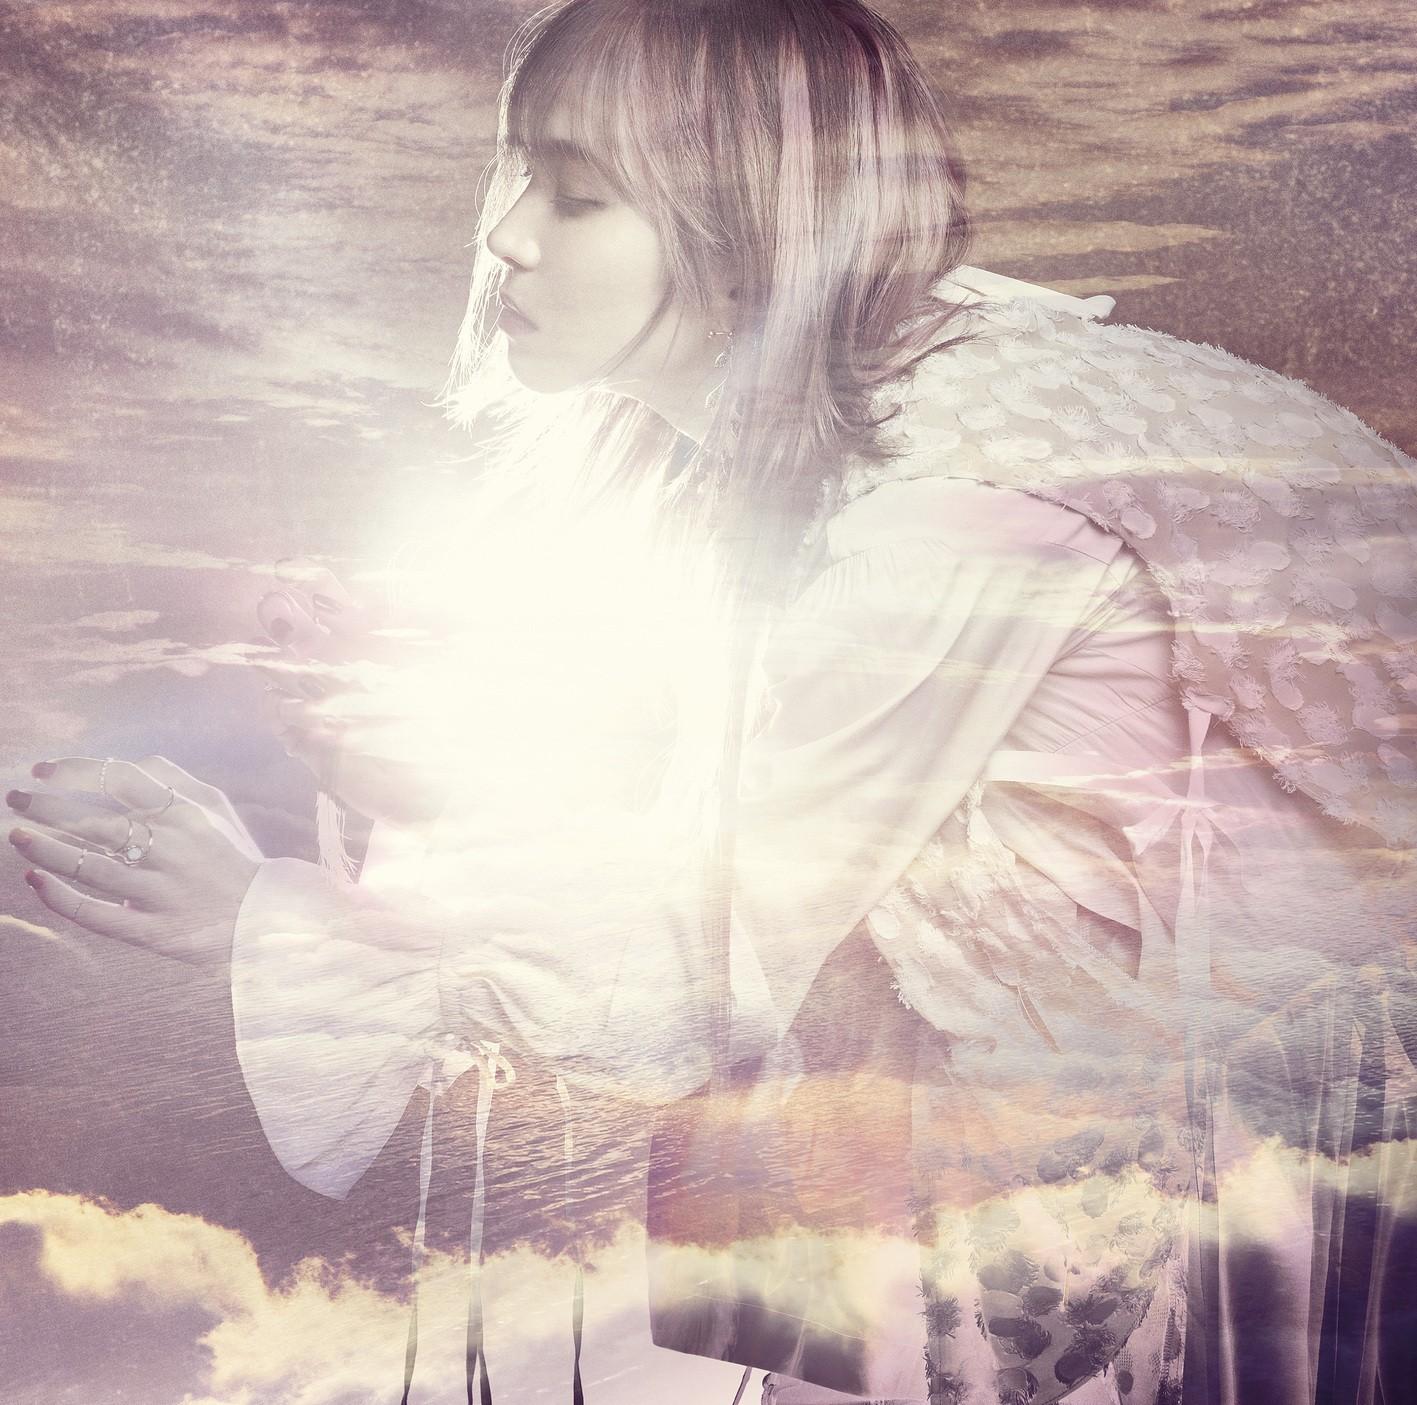 Lisa – dawn [FLAC + MP3 320 / CD] [2021.01.13]